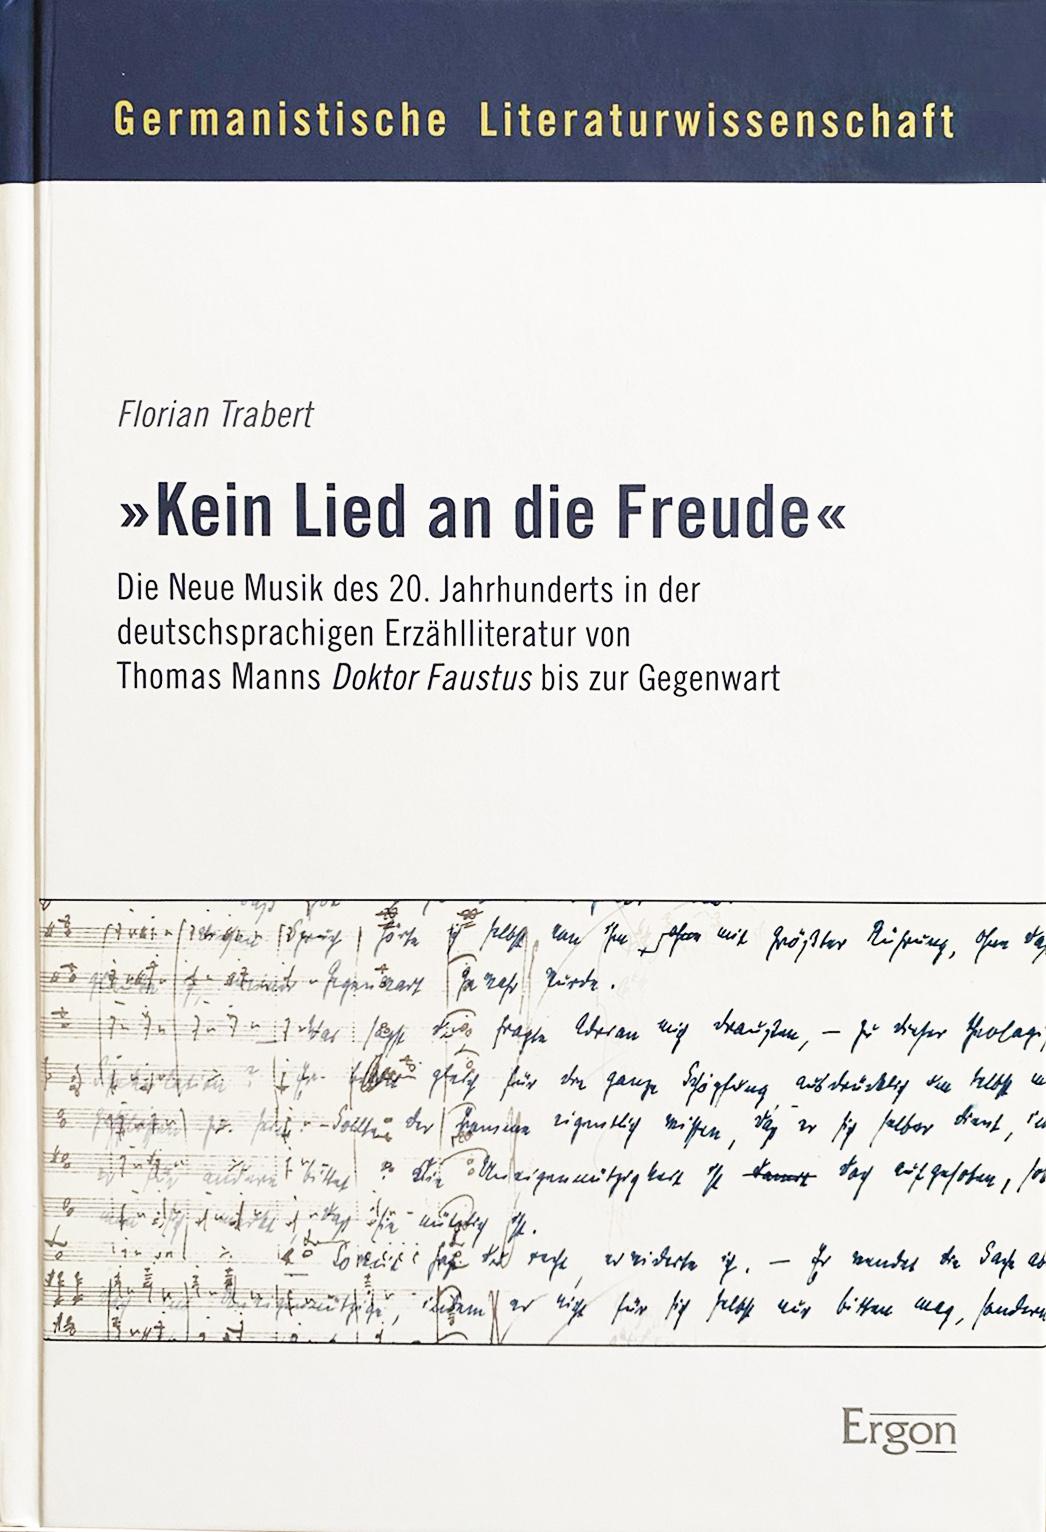 Cover Dissertation Kein Lied an die Freund Florian Trabert